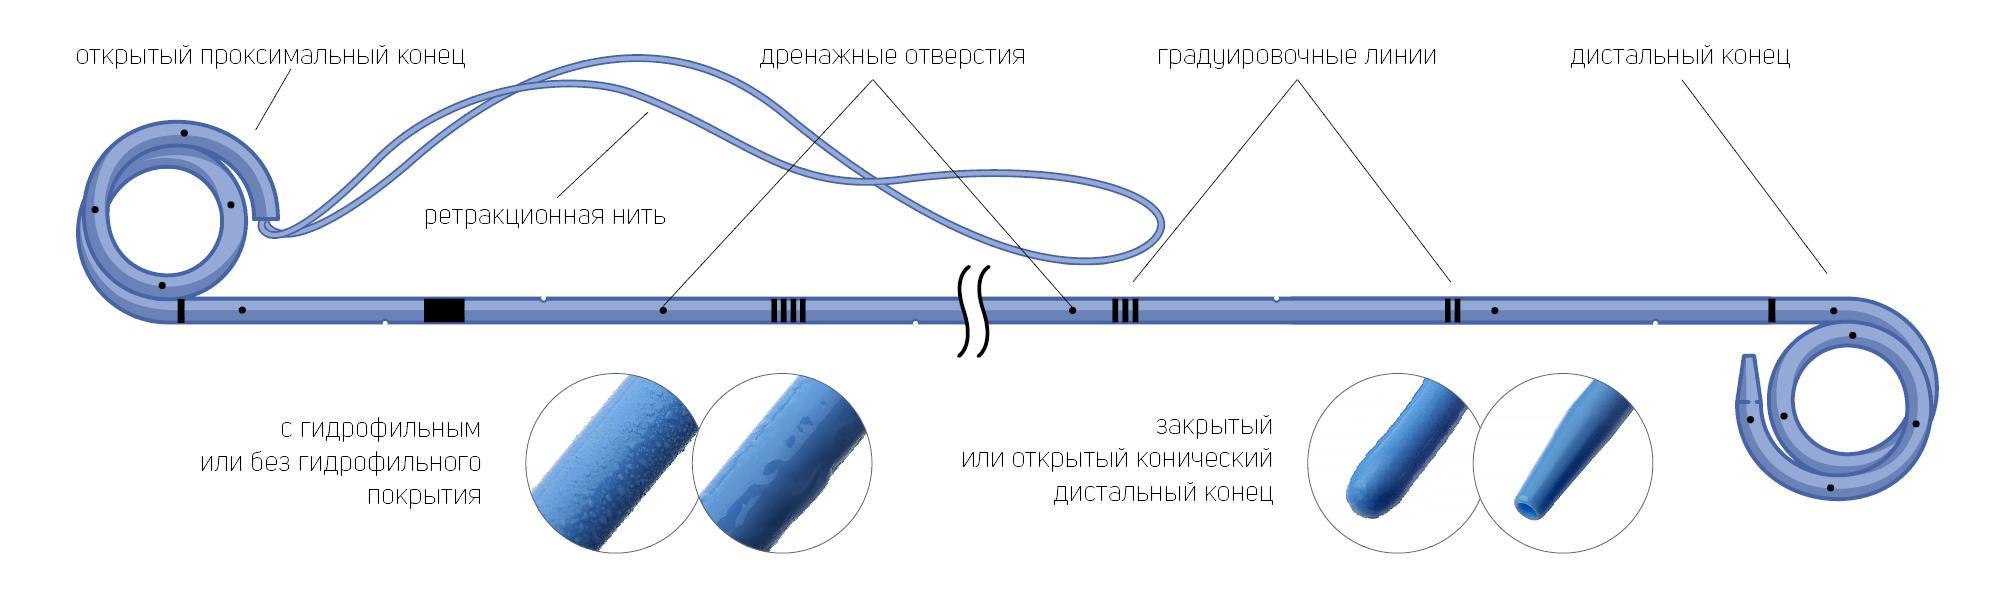 Стент мочеточниковый двухпетлевой с мультидлиной с ретракционной нитью